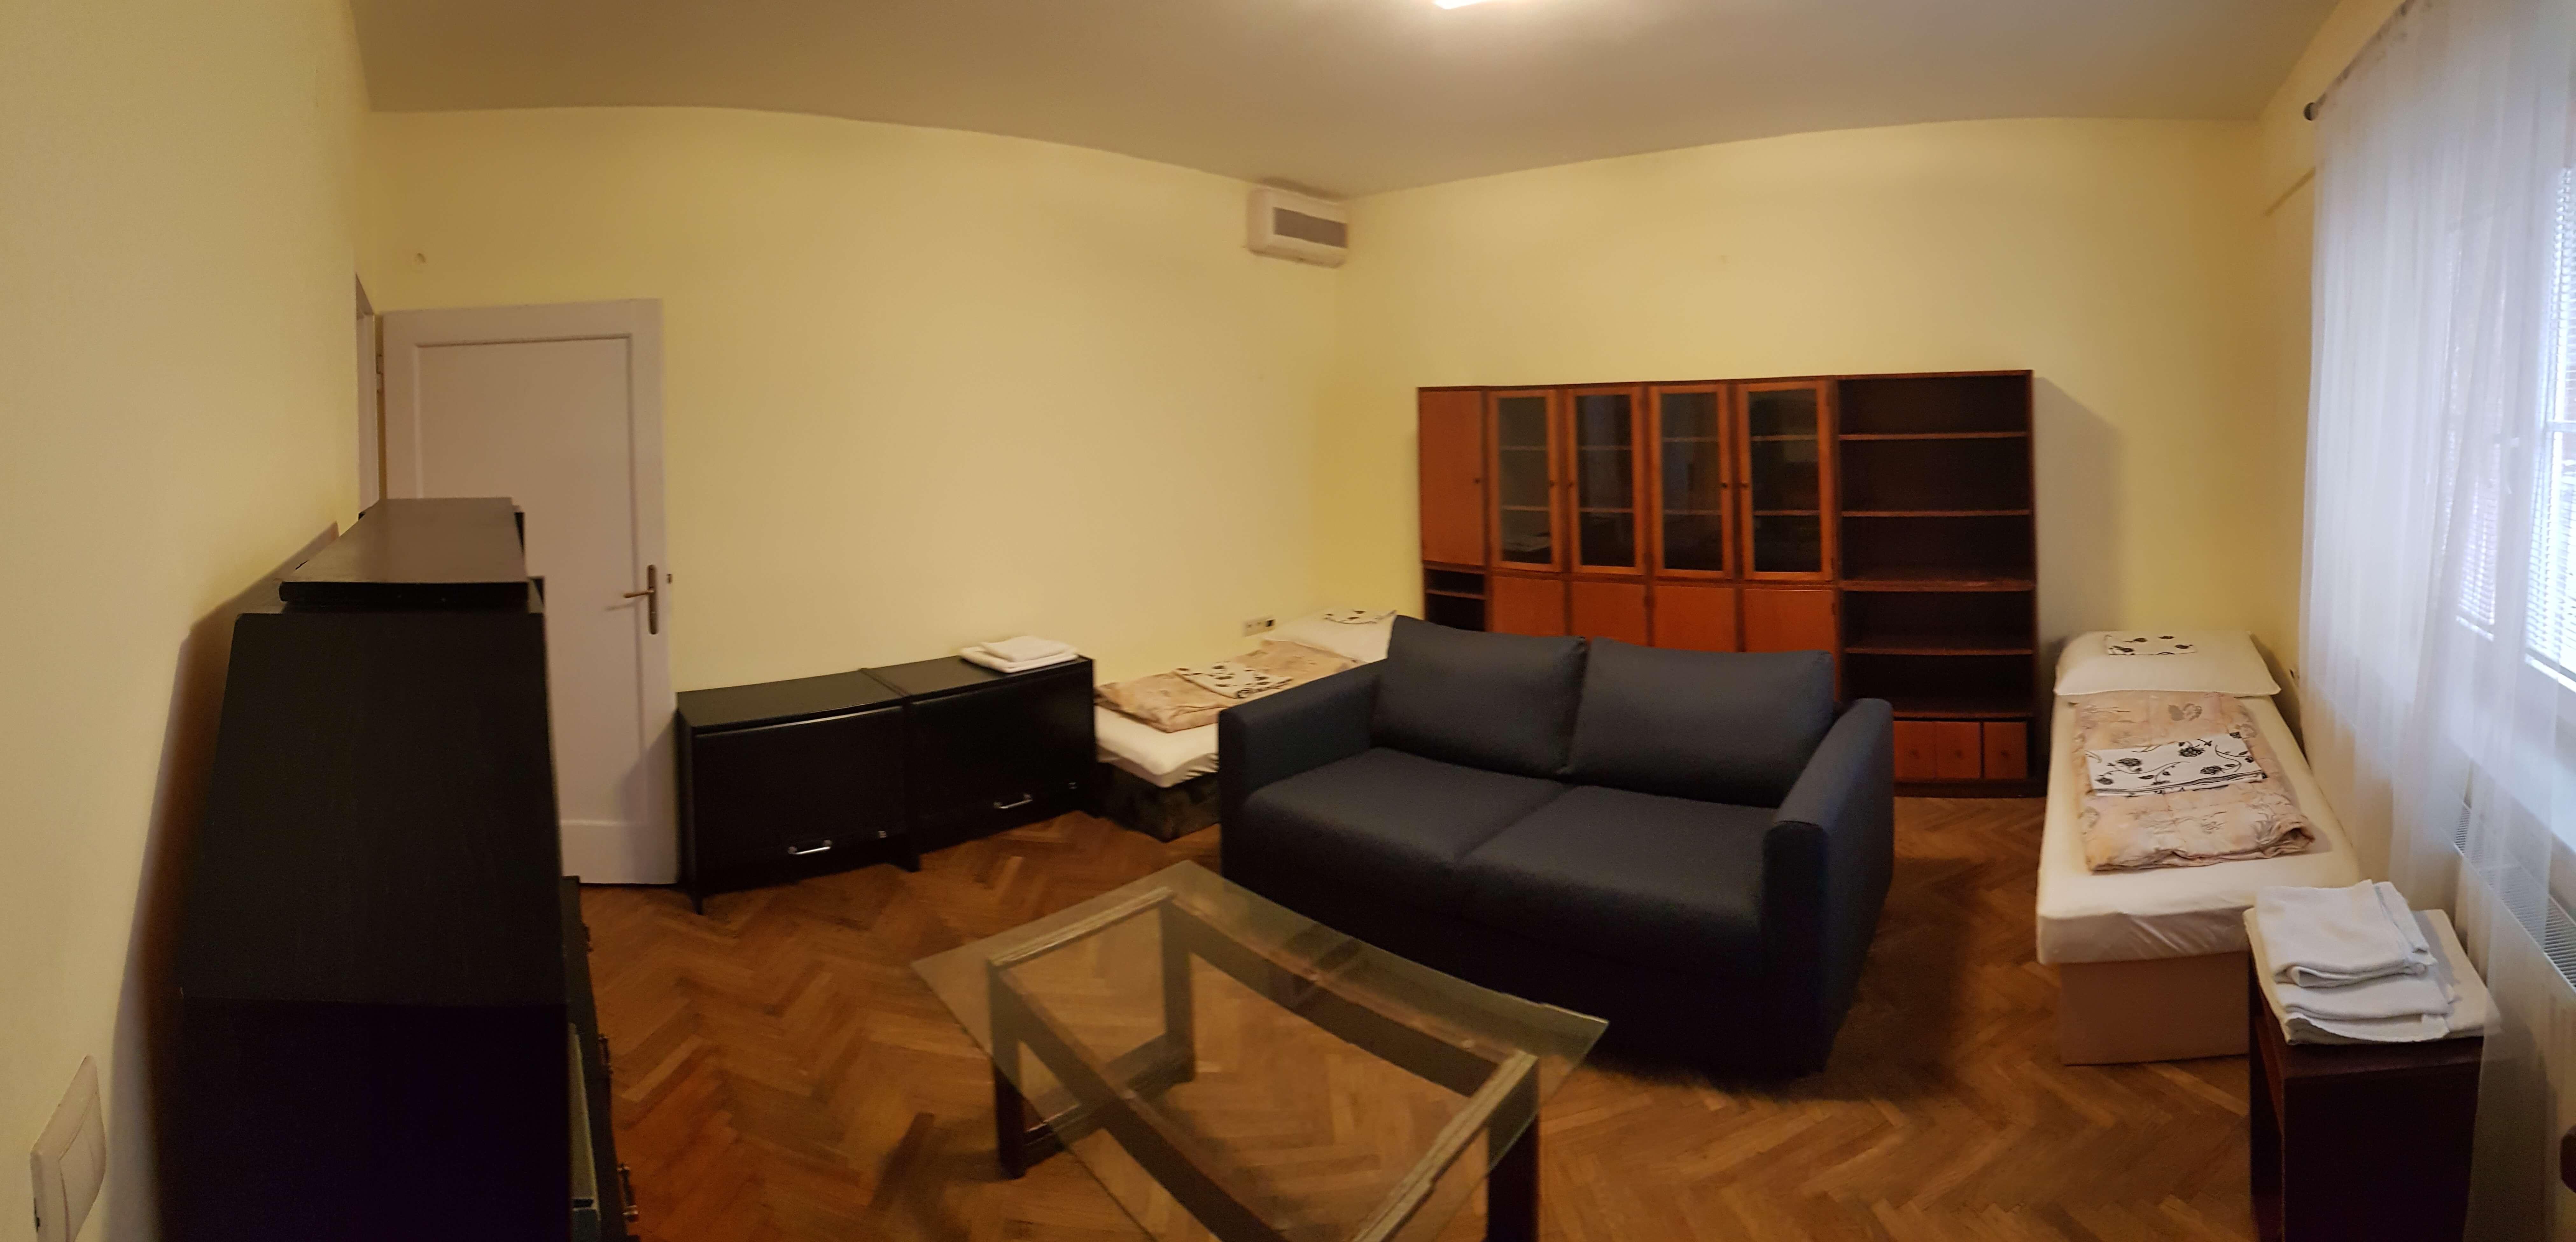 Predaj exkluzívneho 2 izb. bytu, staré mesto, Šancová ulica, Bratislava, 75m2, kompletne zariadený-34